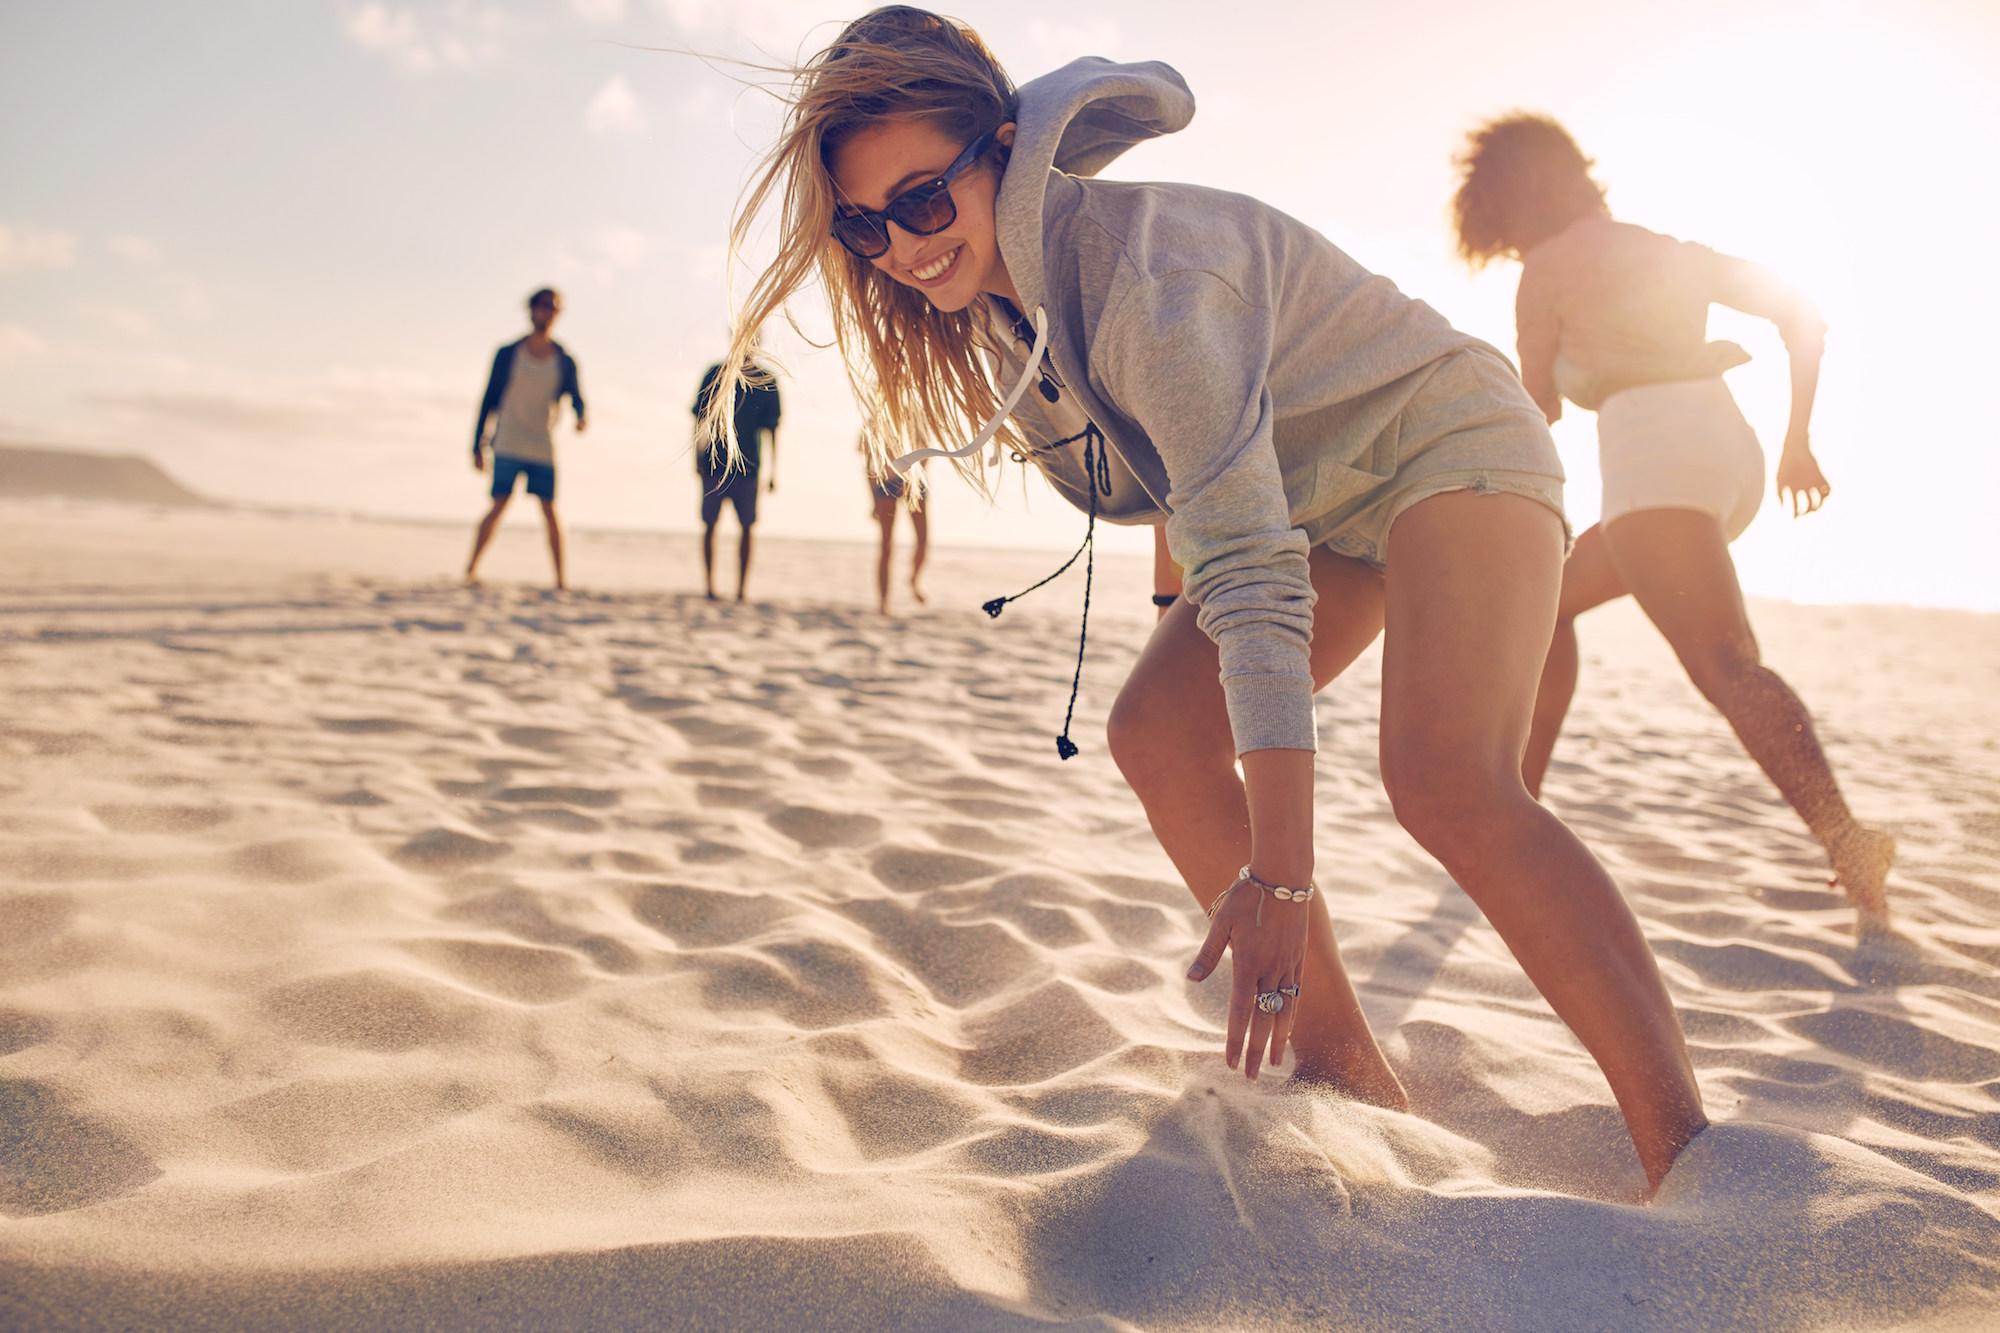 millennials beach games outdoor fun